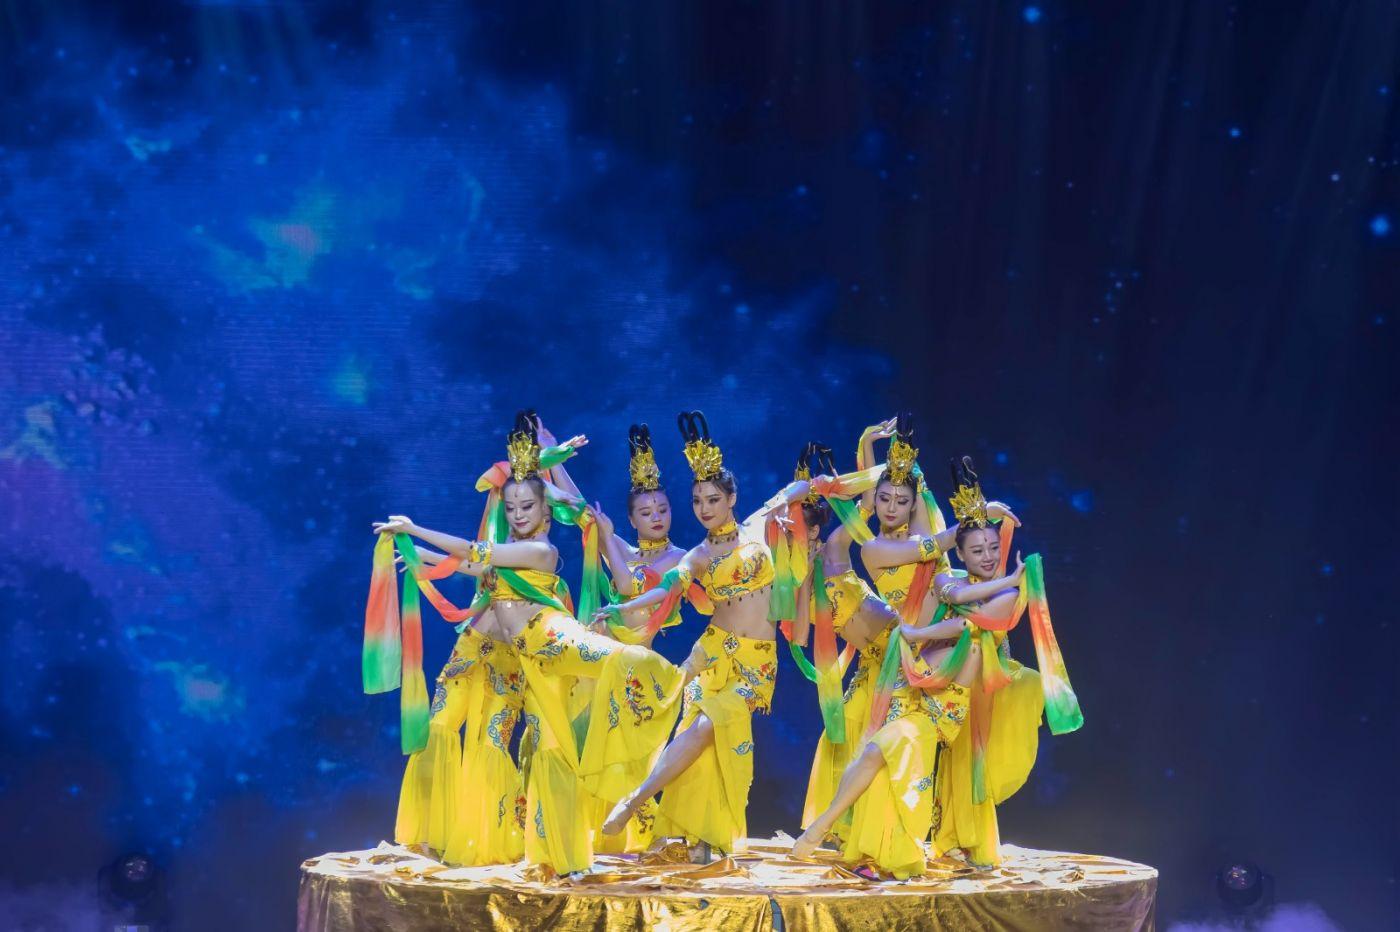 沂蒙大地上 有一种舞蹈叫飞天 这是几位临沂女孩的杰作 美轮美奂 ..._图1-31